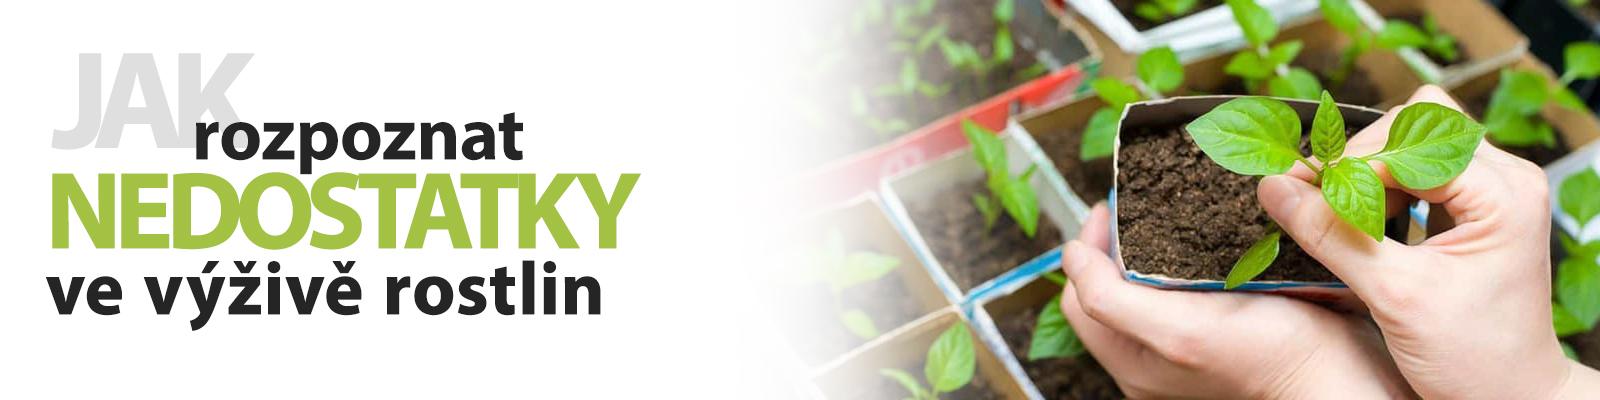 Jak rozpoznat nedostatky ve výživě rostlin